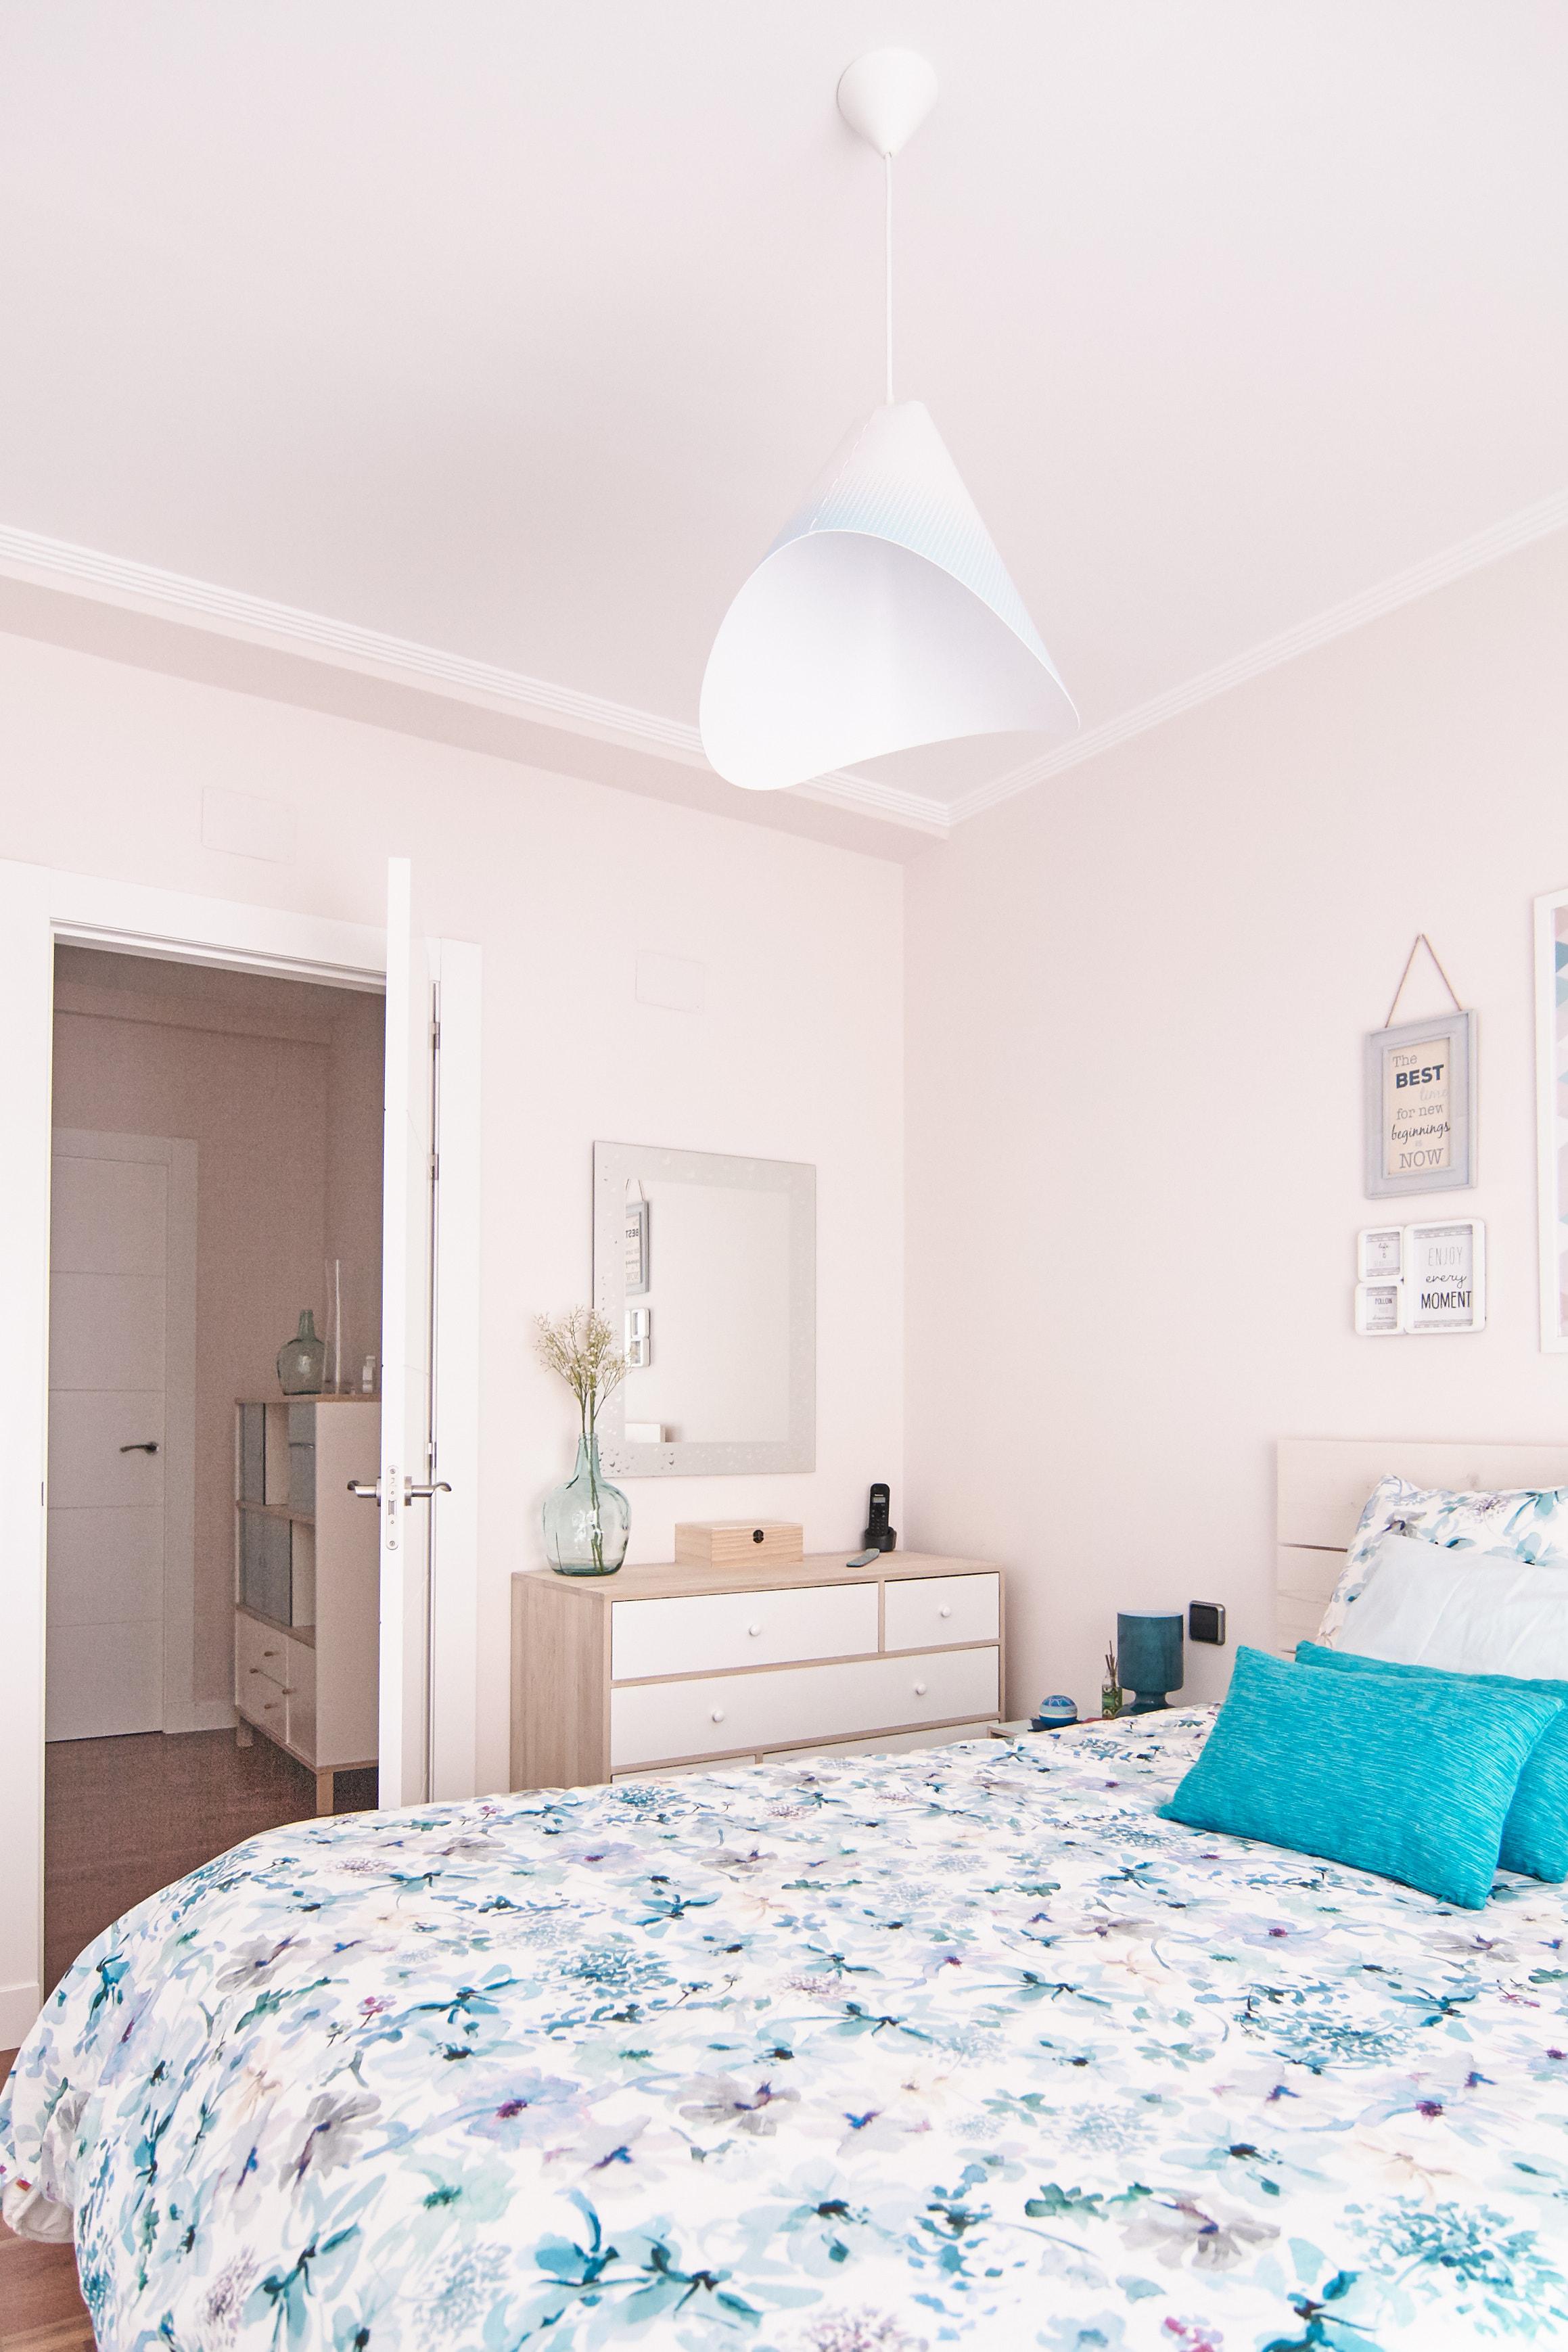 emmme studio amueblamiento decoracion Inma dormitorio 02.jpg